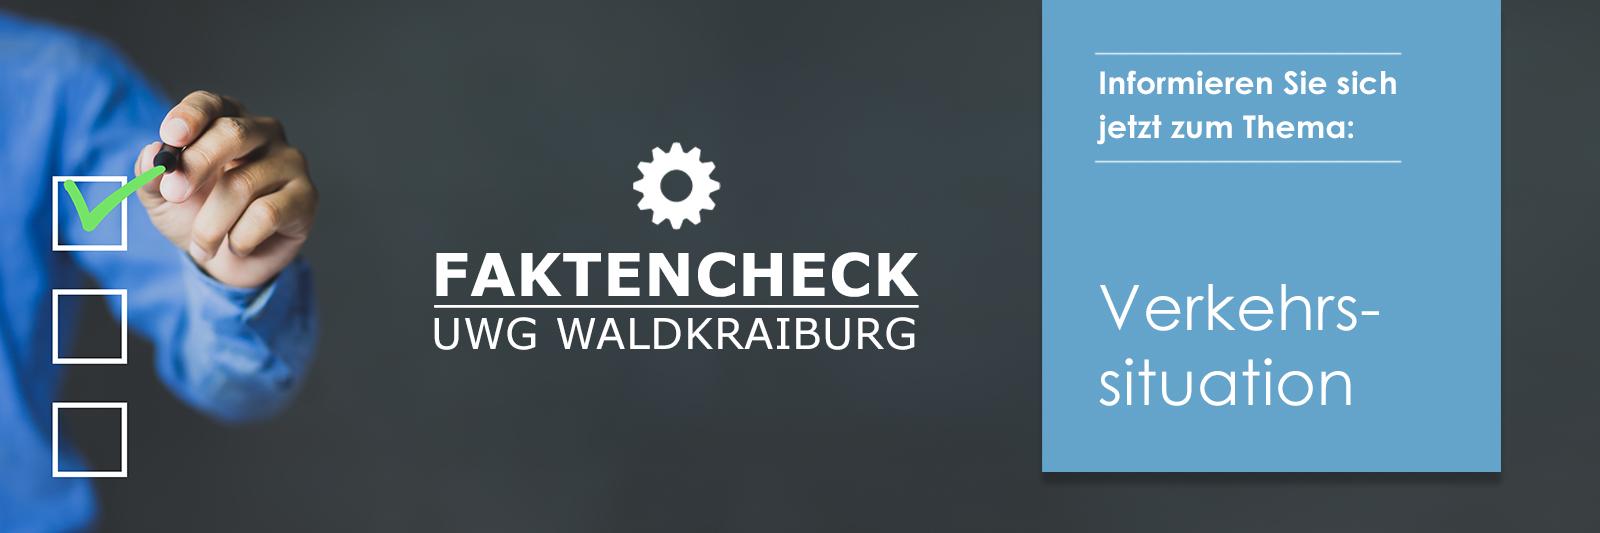 UWG Faktencheck Verkehrssituation in Waldkraiburg